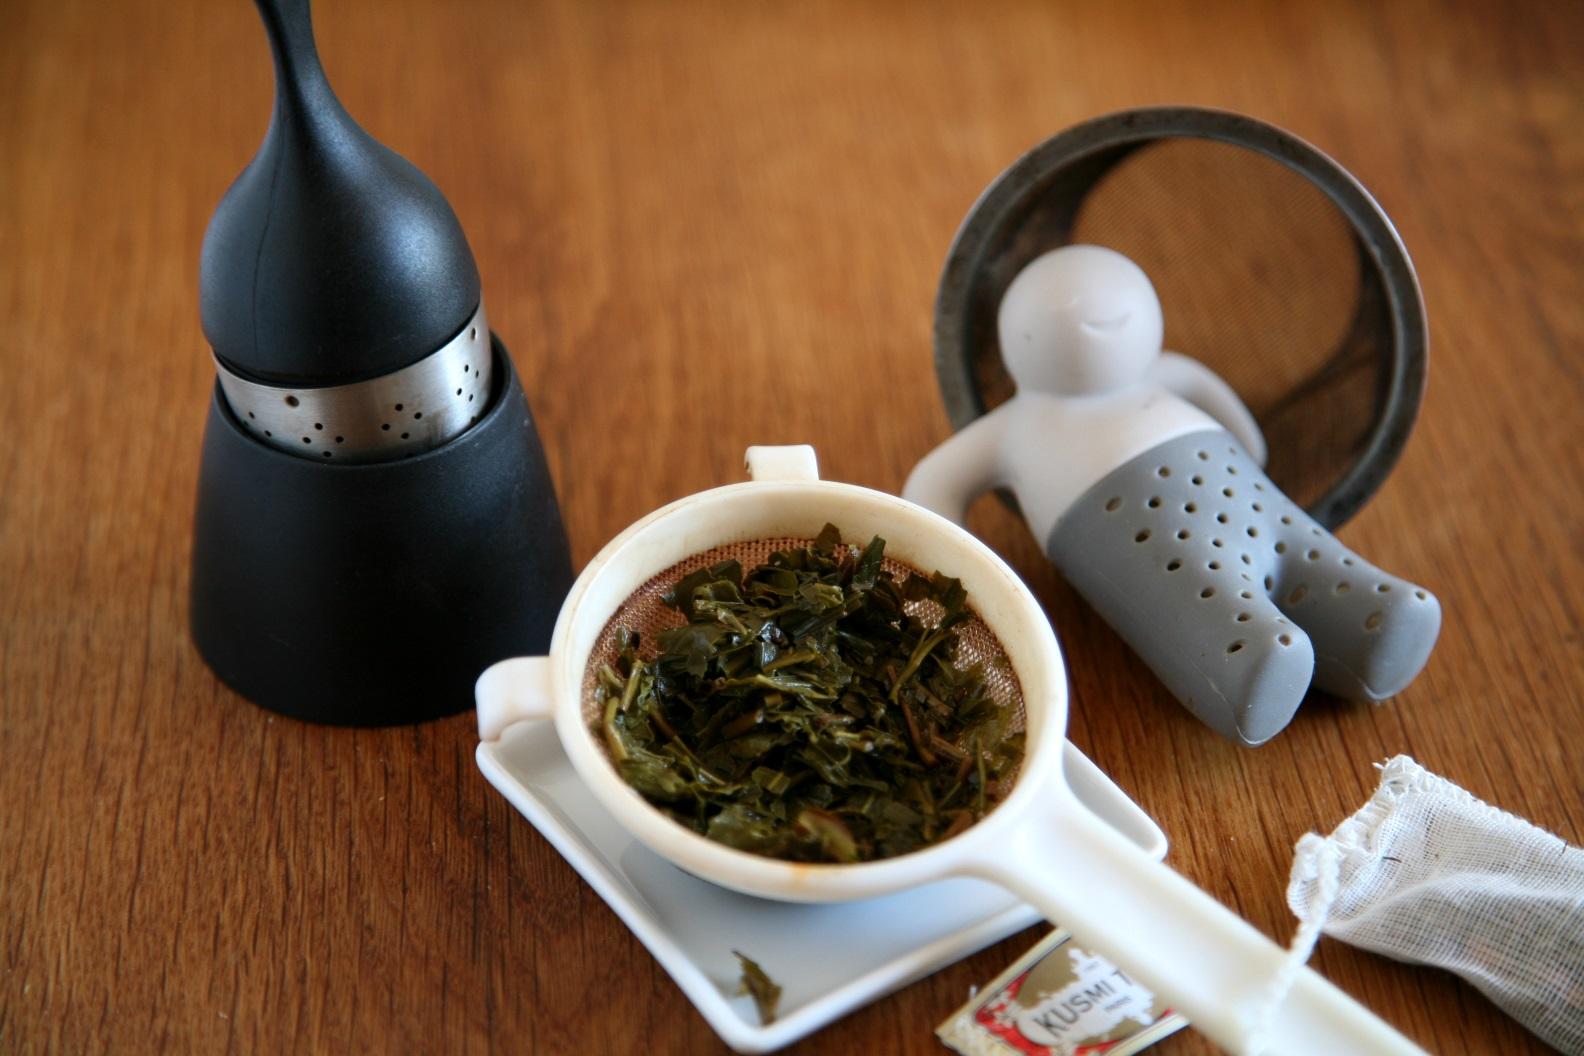 Teesieb, Teebeutel, Teemännchen und ein Teeeil